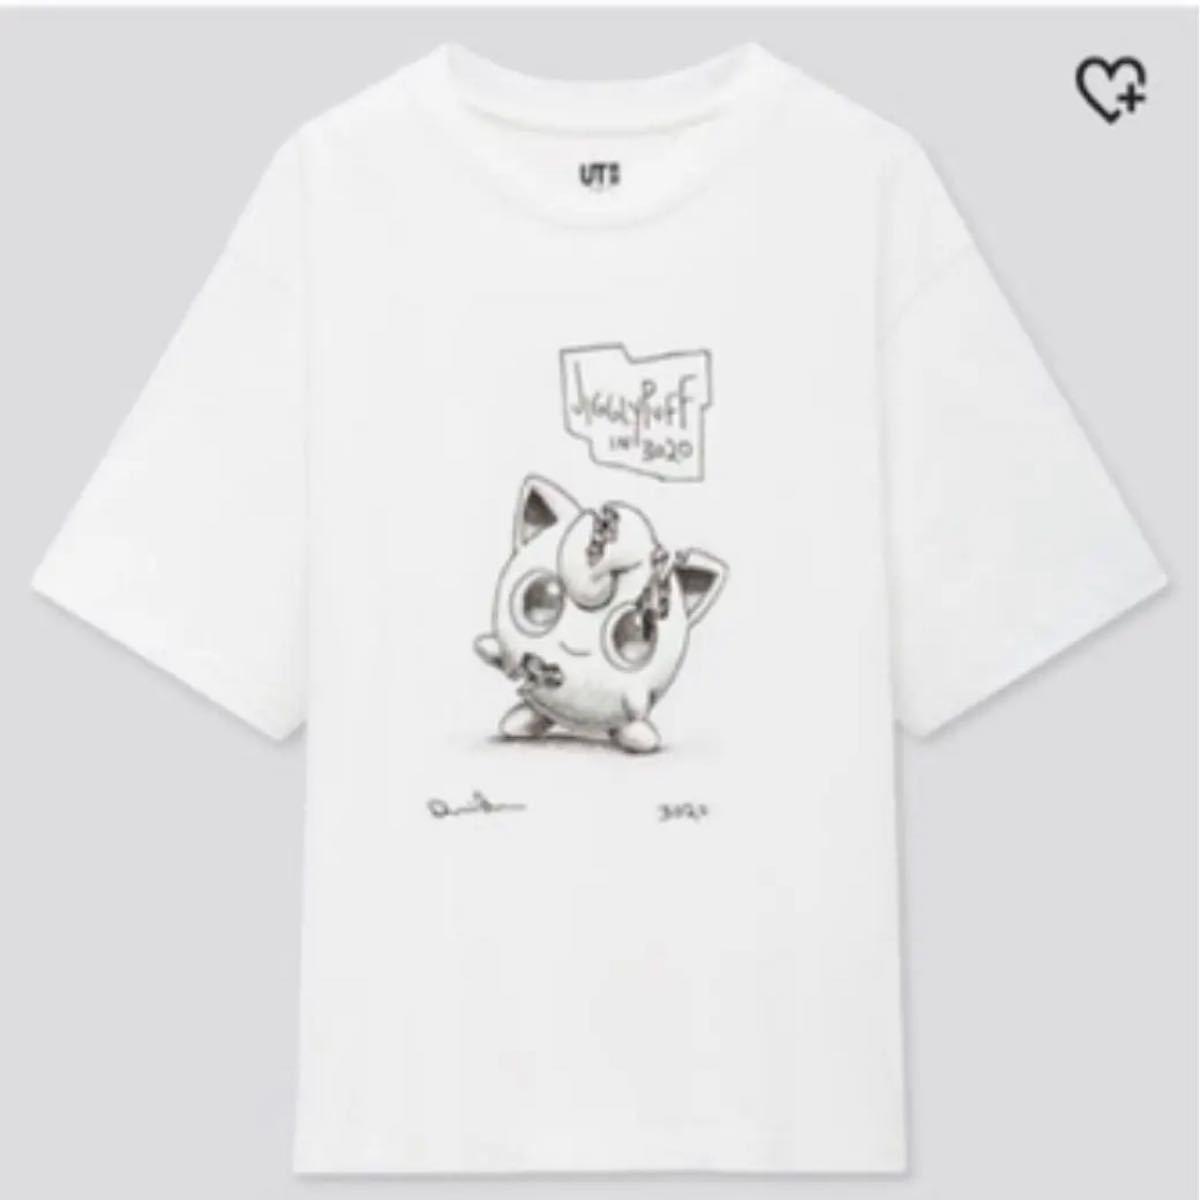 XL ポケモン プリン Tシャツ  ダニエル アーシャム×ポケモン コラボ